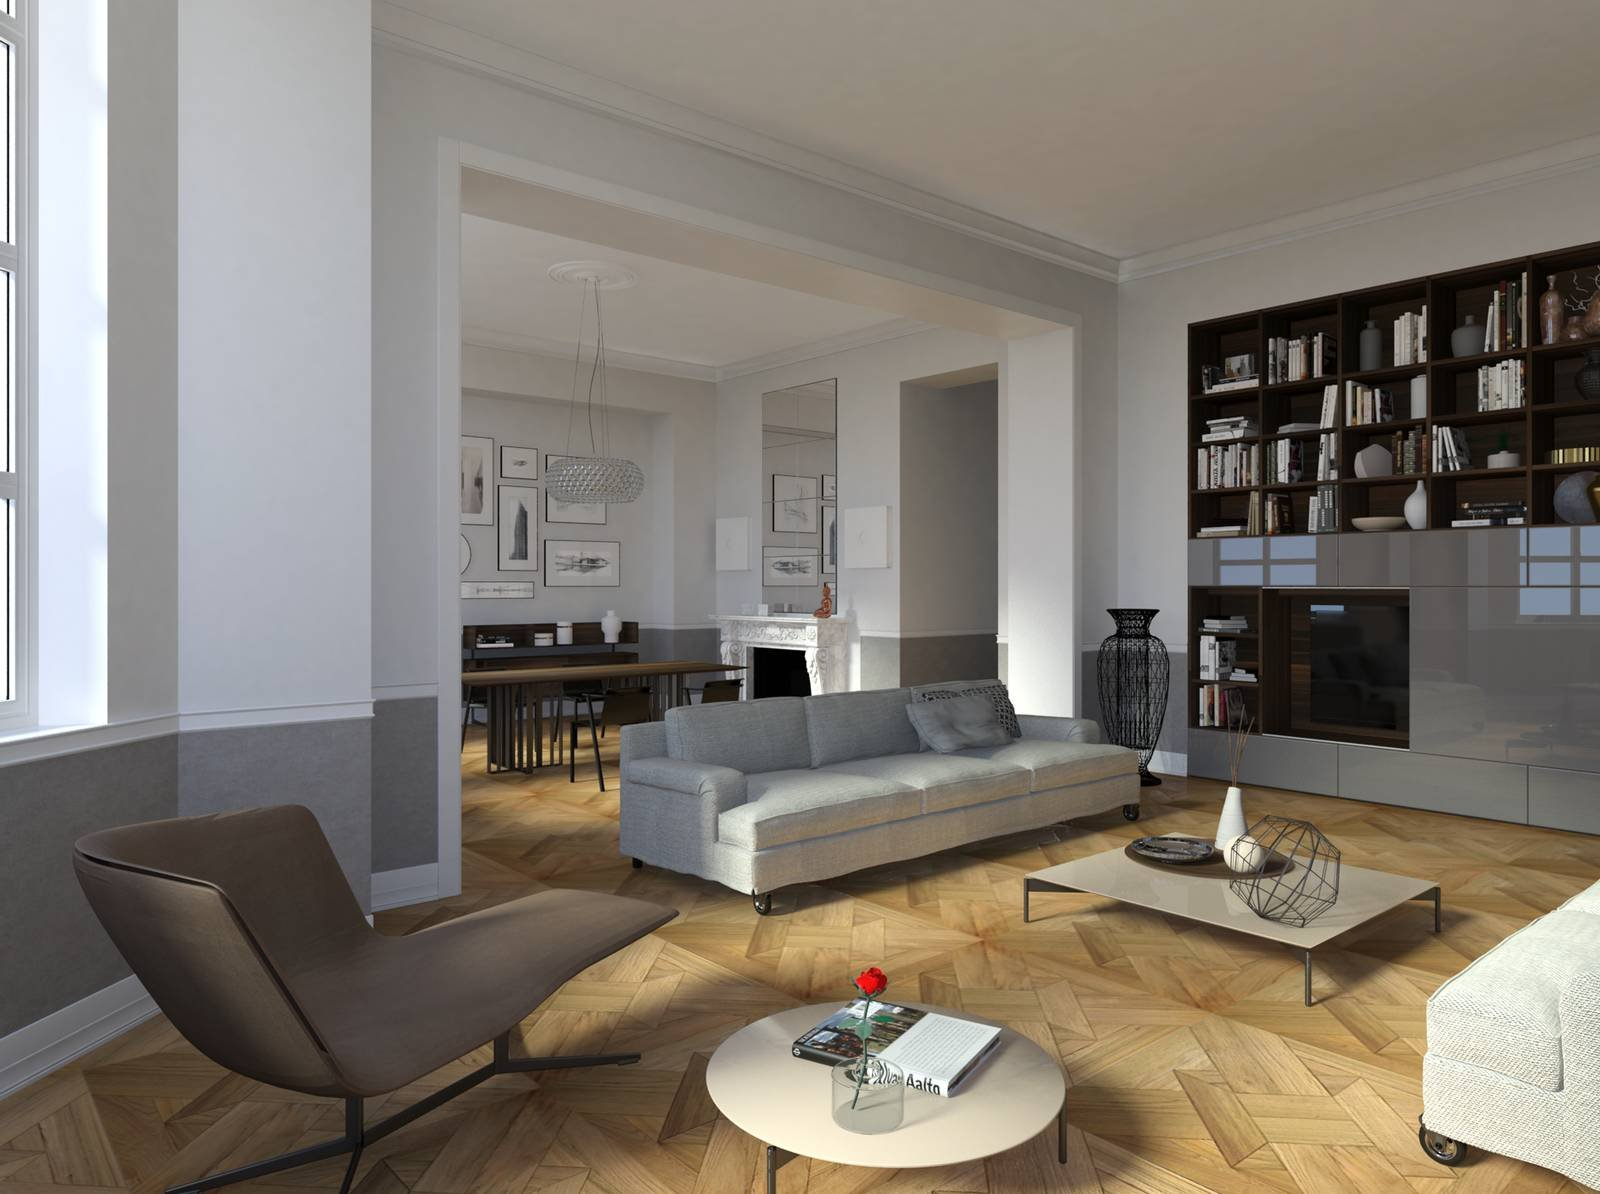 Casa d\'epoca, arredi contemporanei: progetto di interior design in ...